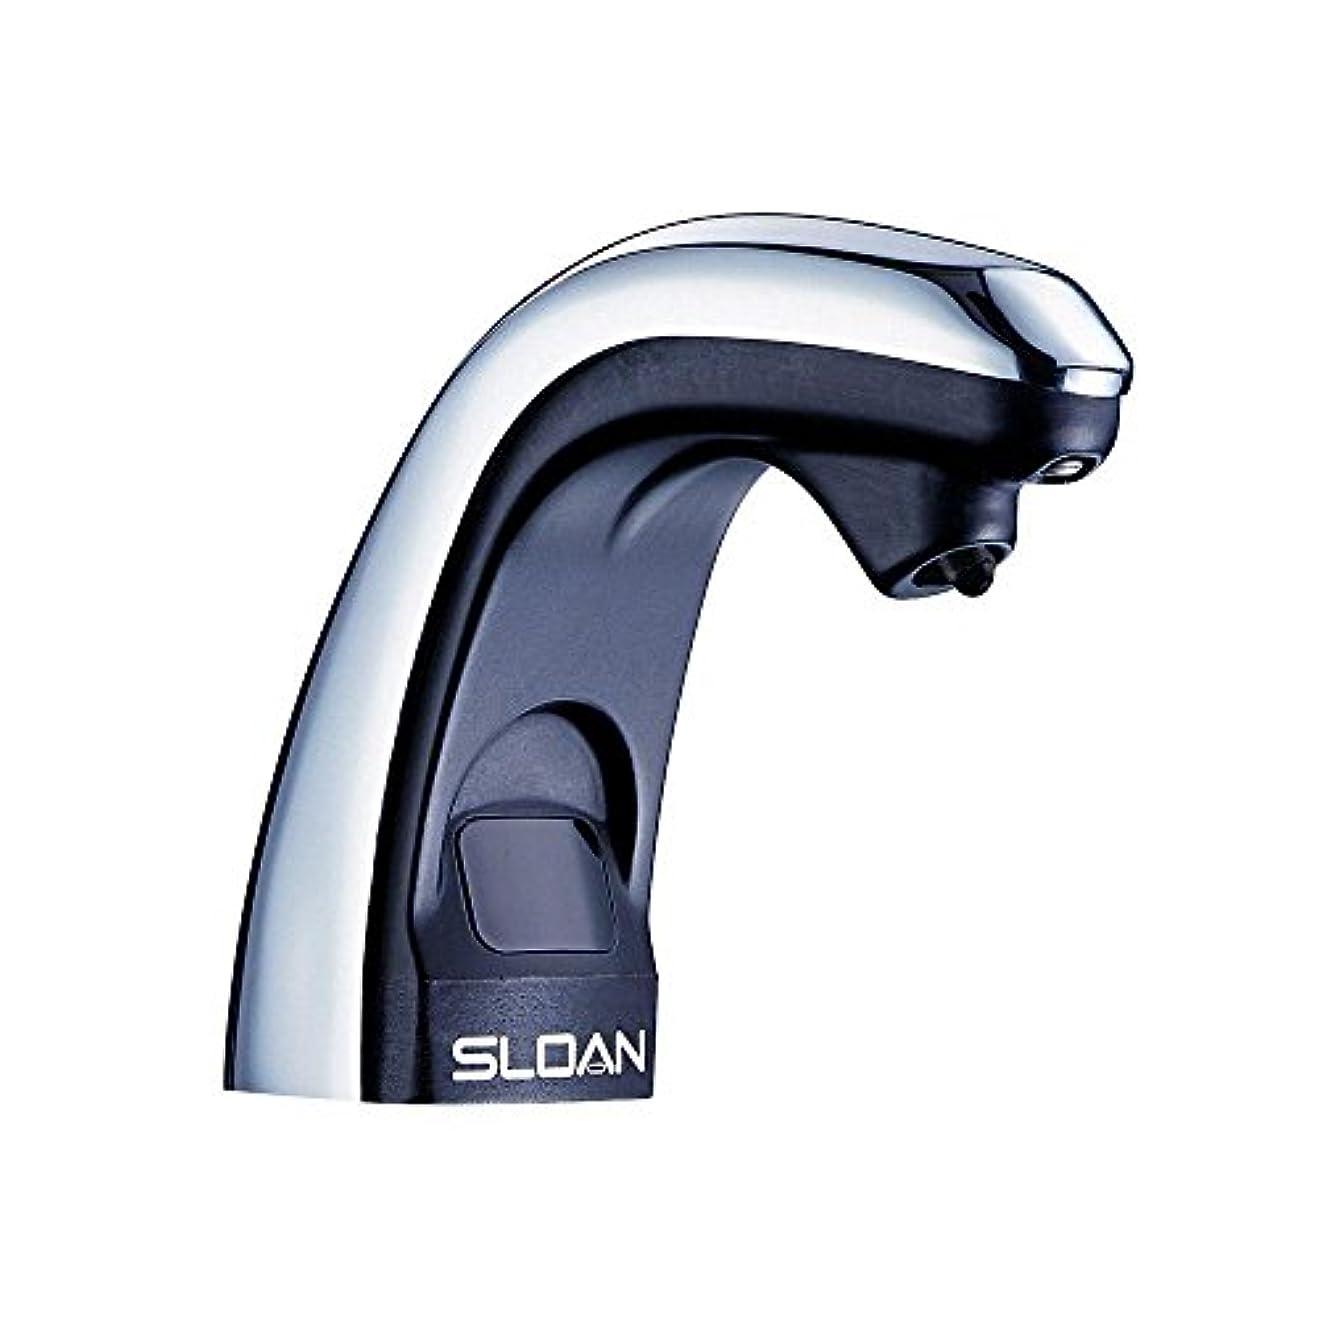 ナース手を差し伸べる熟考するSloan esd-250センサー式タッチレスソープディスペンサー – バッテリーPowered、 3346050